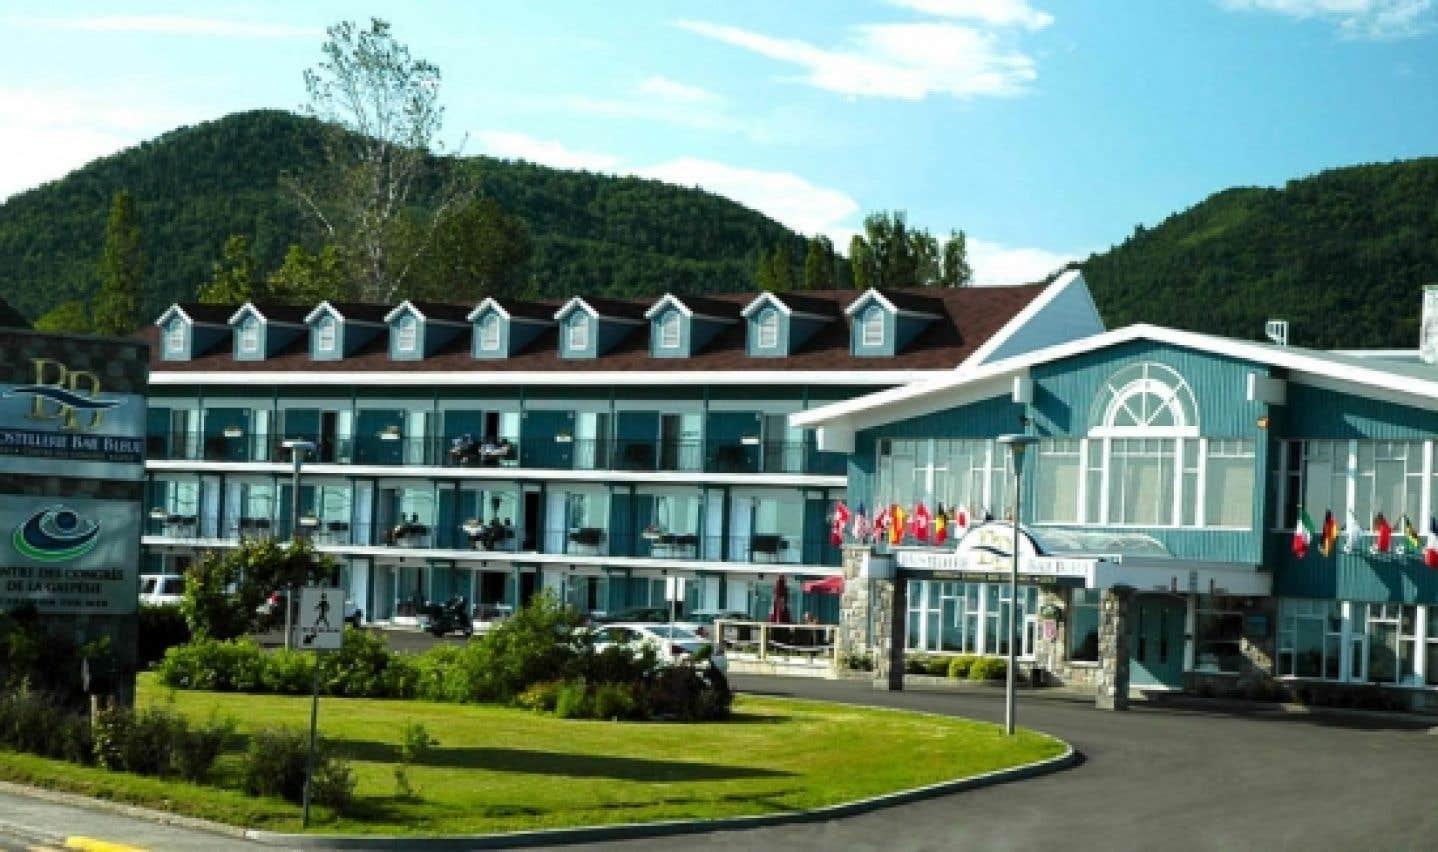 Le Centre de congrès de la Gaspésie dispose d'un guichet unique, Baie bleue aventure, offrant plusieurs activités à faire dans la Baie-des-Chaleurs.